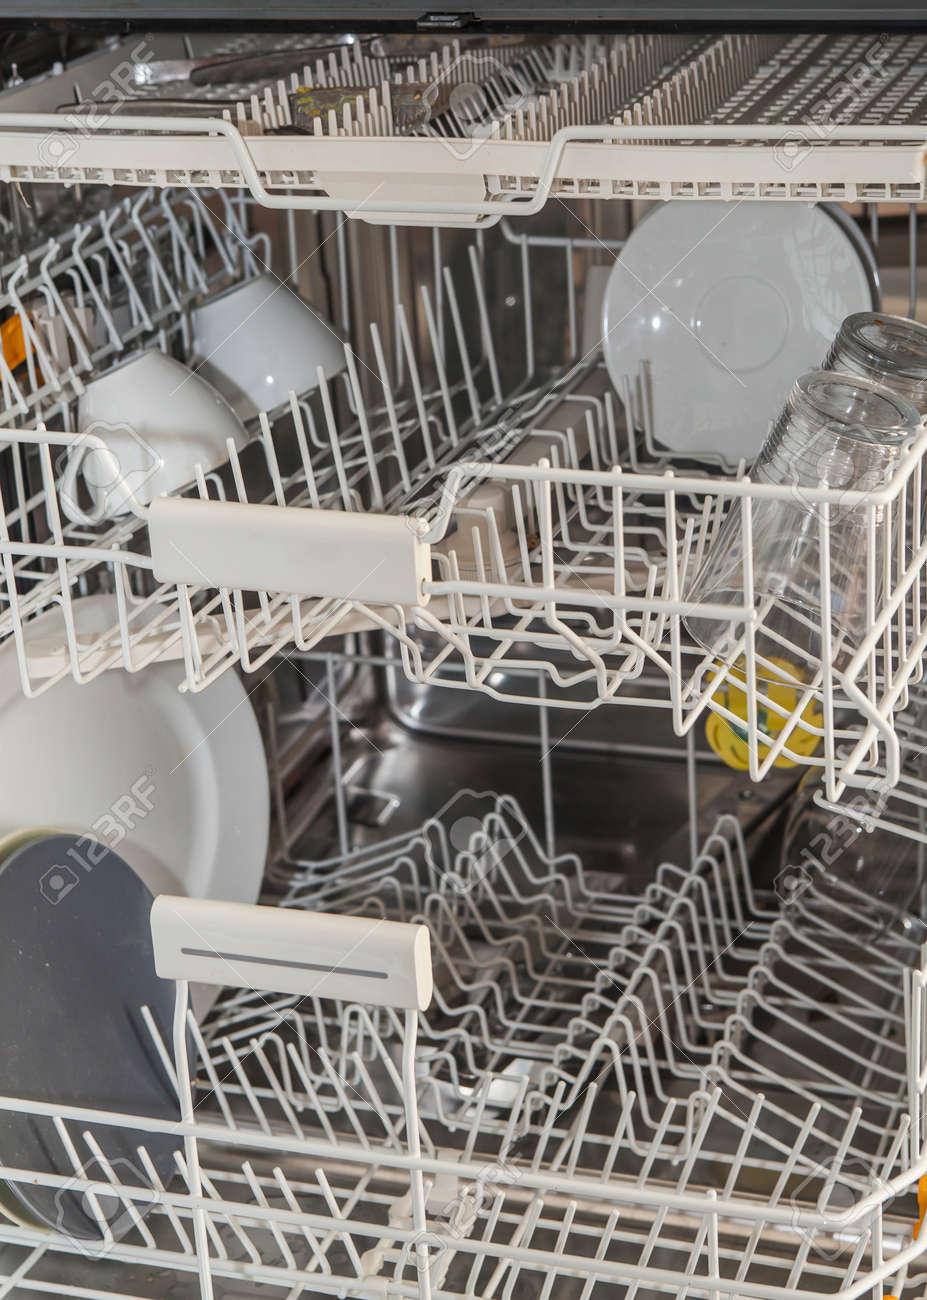 Nettoyer Interieur Lave Vaisselle intérieur de presque vide lave-vaisselle